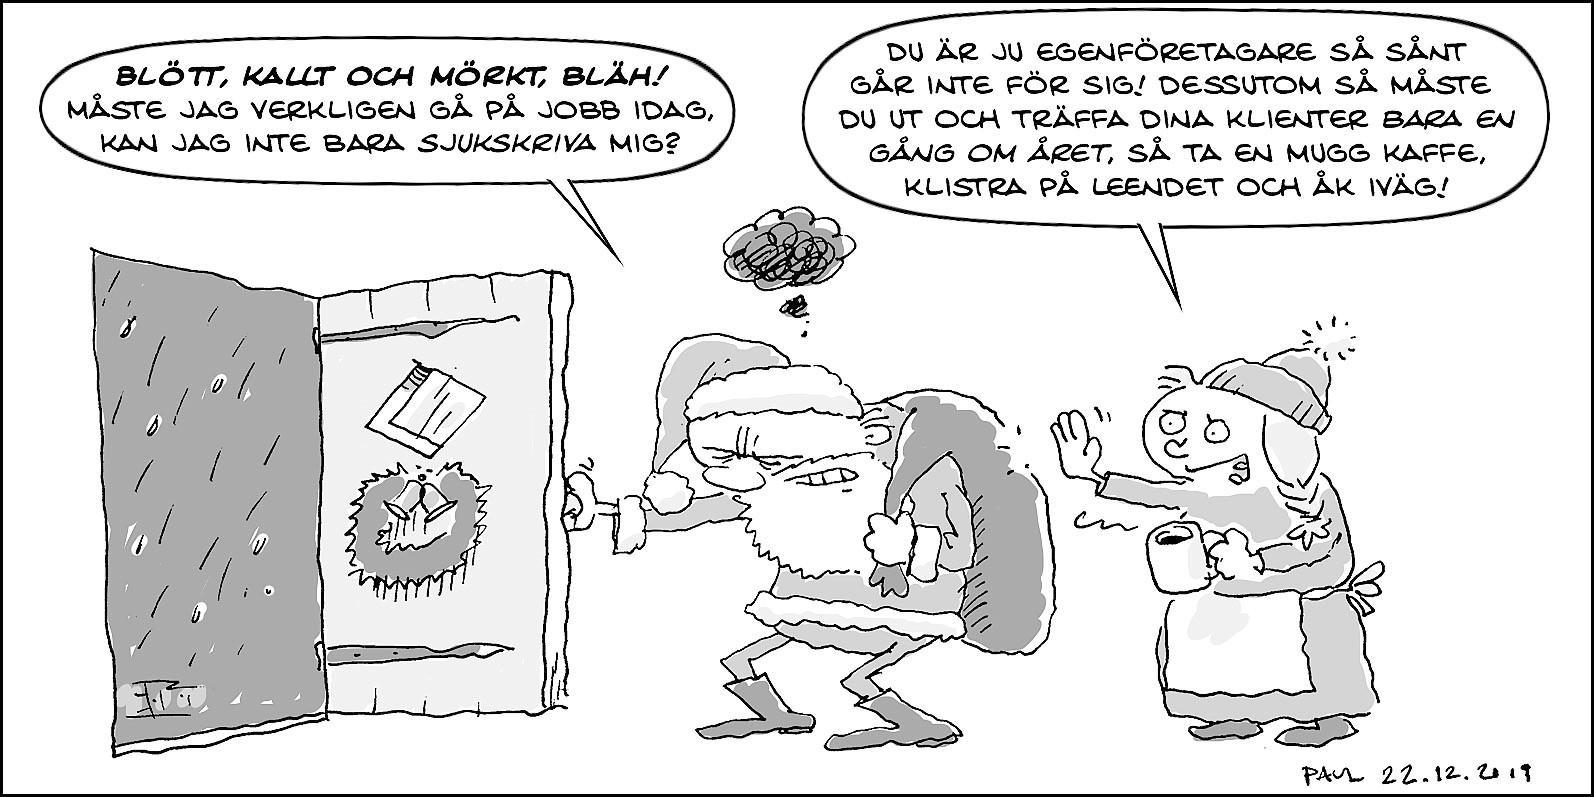 Ritad bild som föreställer julgubben som inte har lust att bege sig ut i det blöta och kalla vädret.